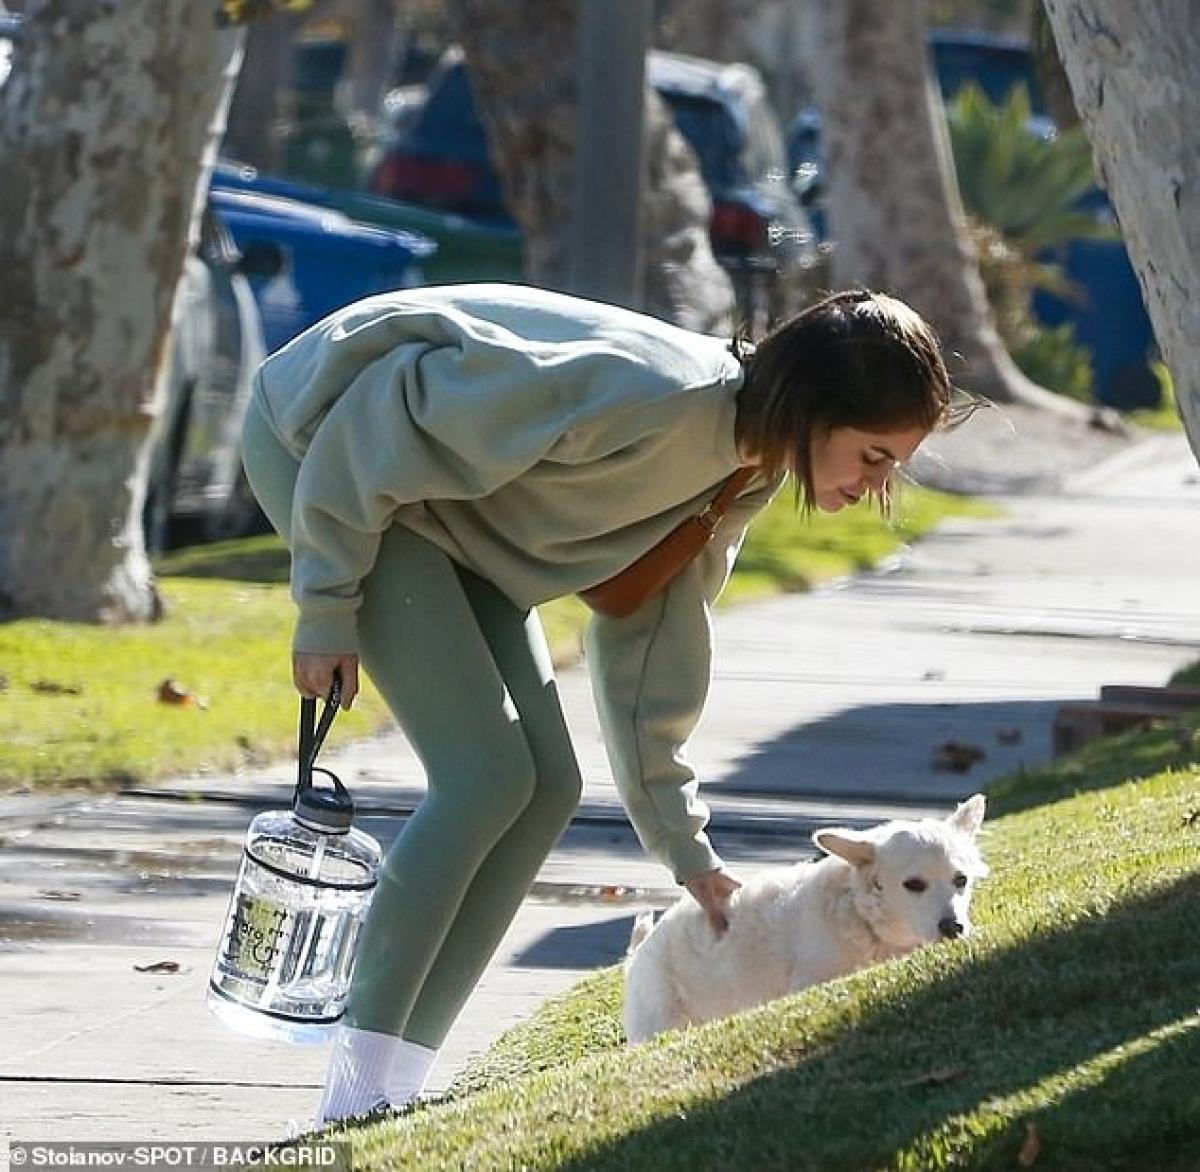 Con gái siêu mẫu Cindy Crawford tranh thủ chơi đùa cùng chú cún cưng ngoài phố.